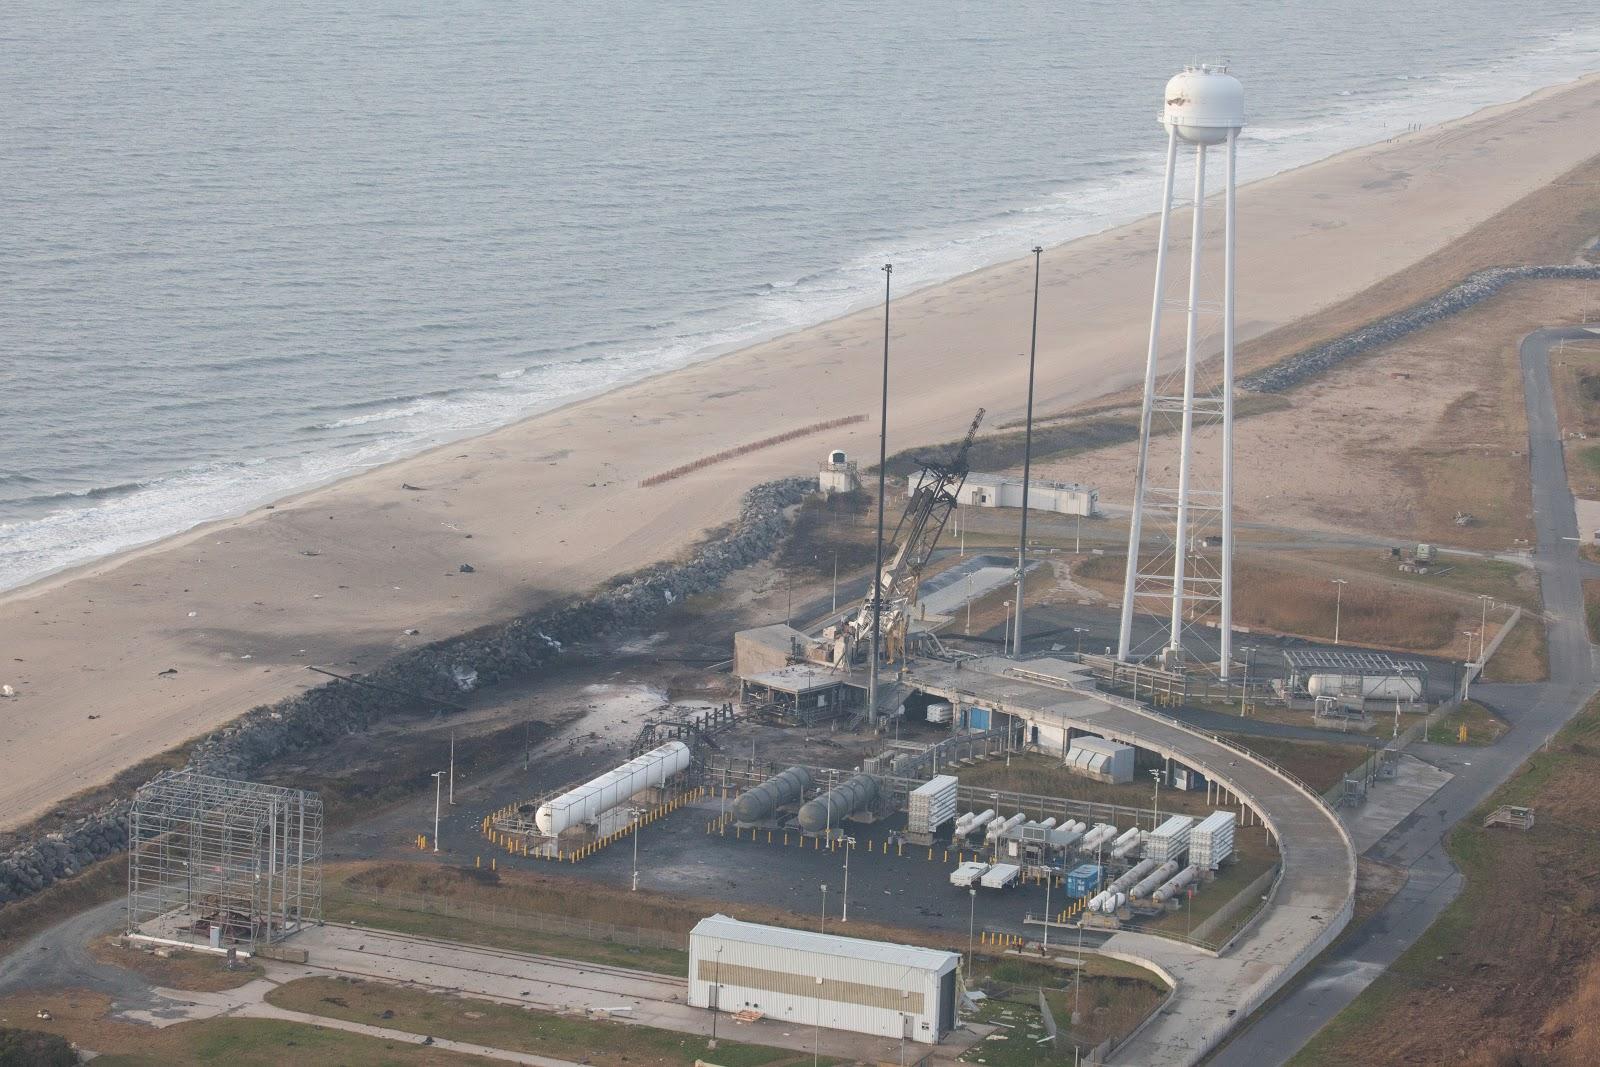 Một cái nhìn từ trên không được chụp vào ngày 29/10/2014 cho thấy bãi phóng Wallops sau khi xảy ra sự cố vào tối bữa trước. Bản quyền hình ảnh : NASA/Terry Zaperach.